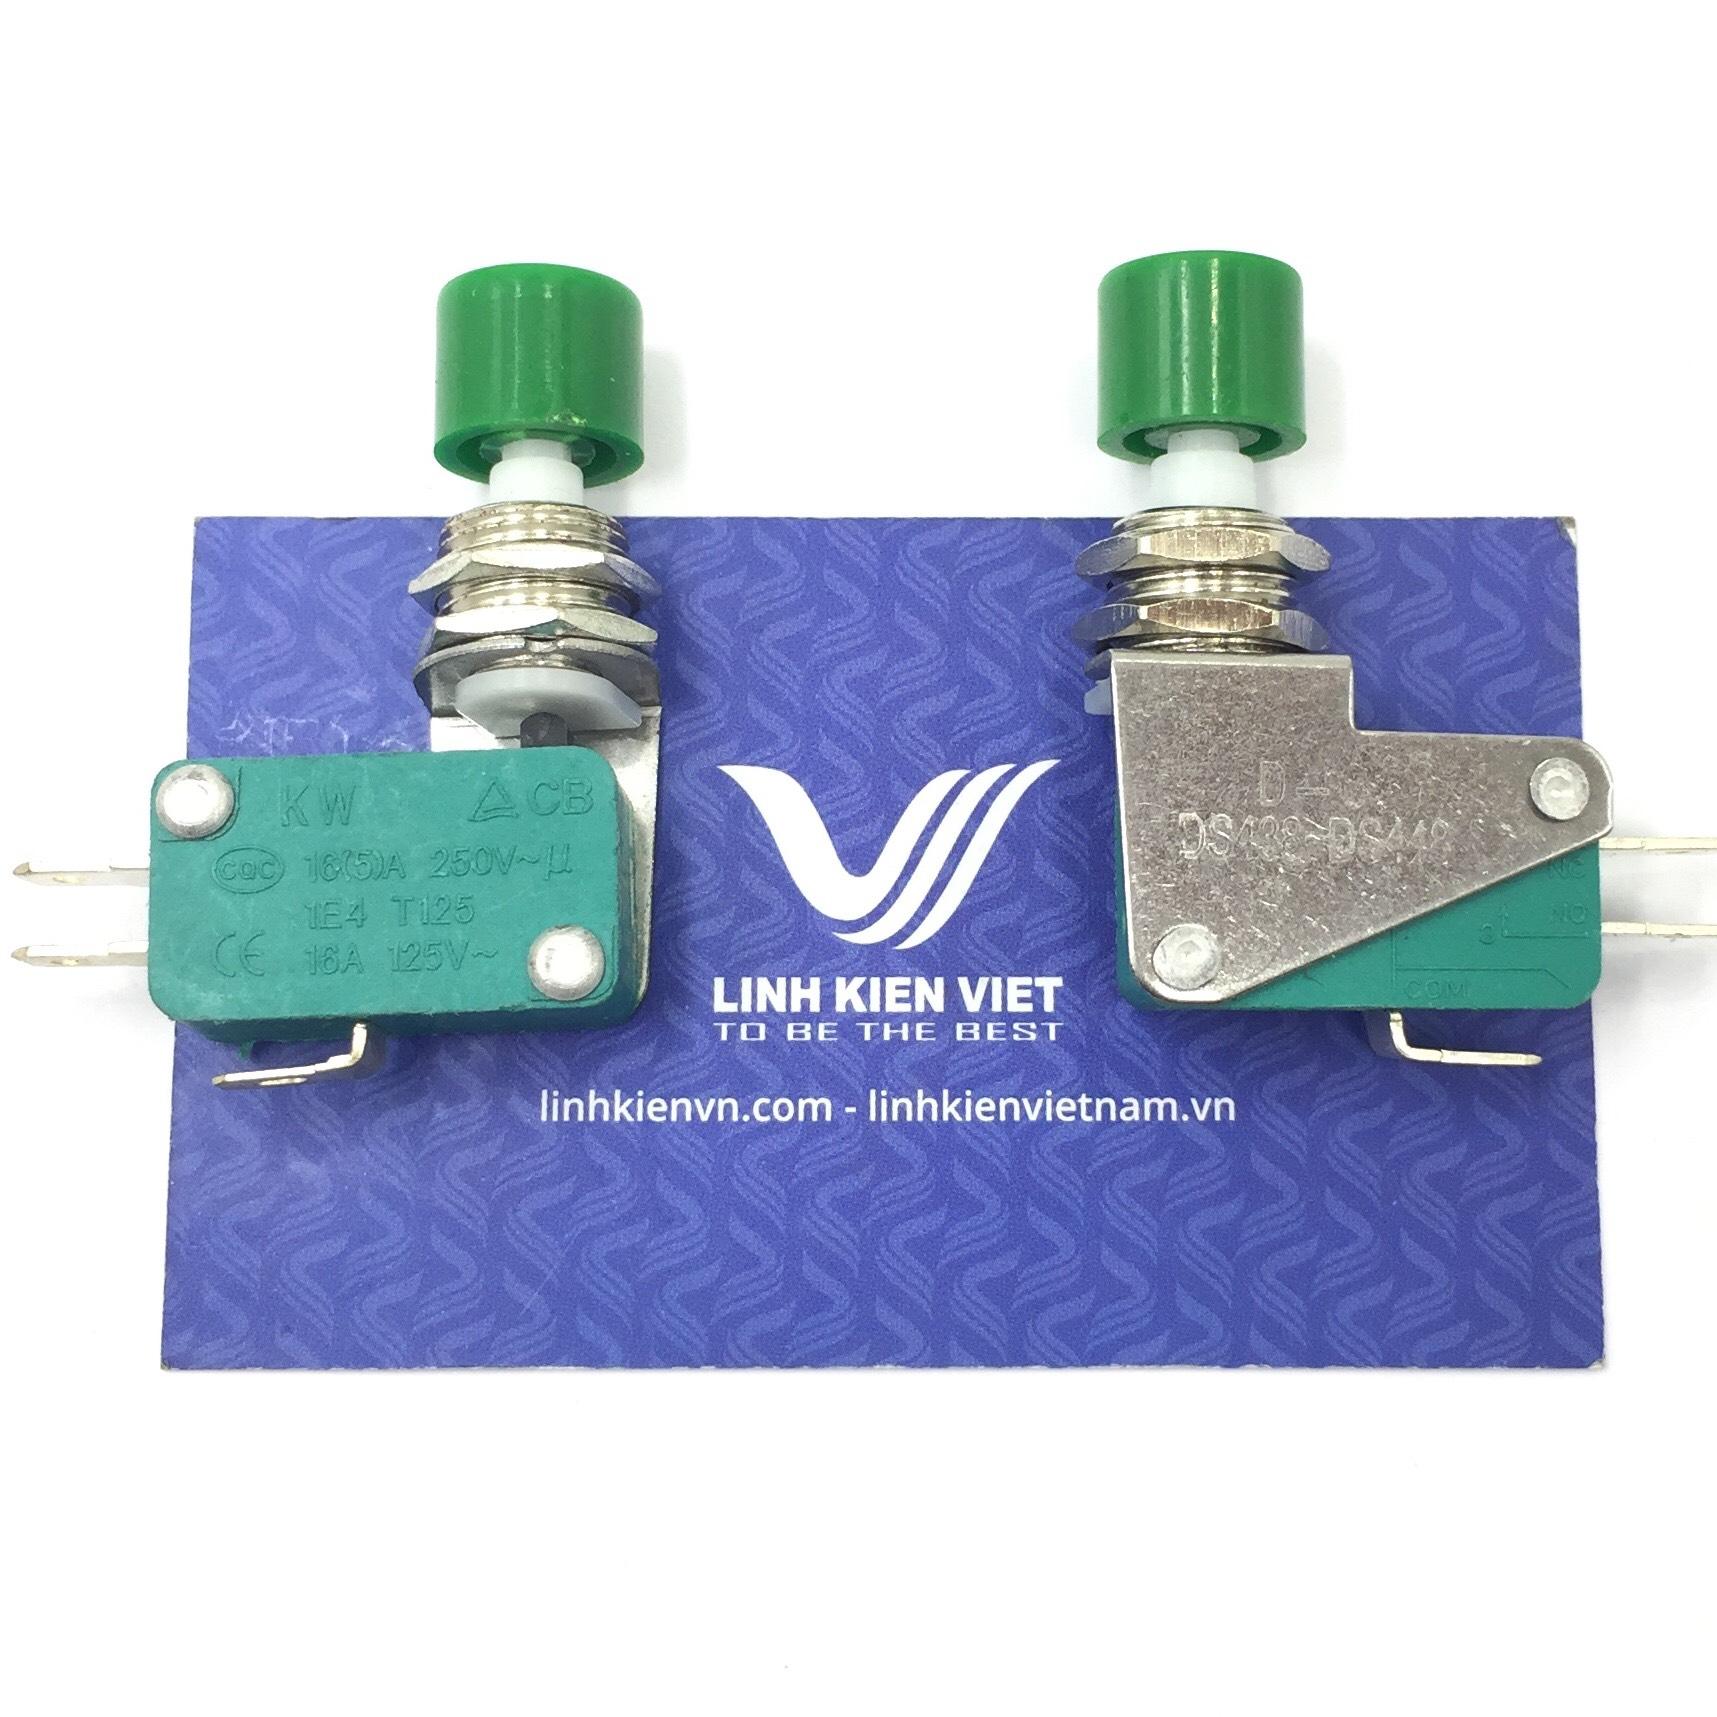 Công tắc hành trình nút nhấn DS438-448 màu xanh 12mm / X5H14